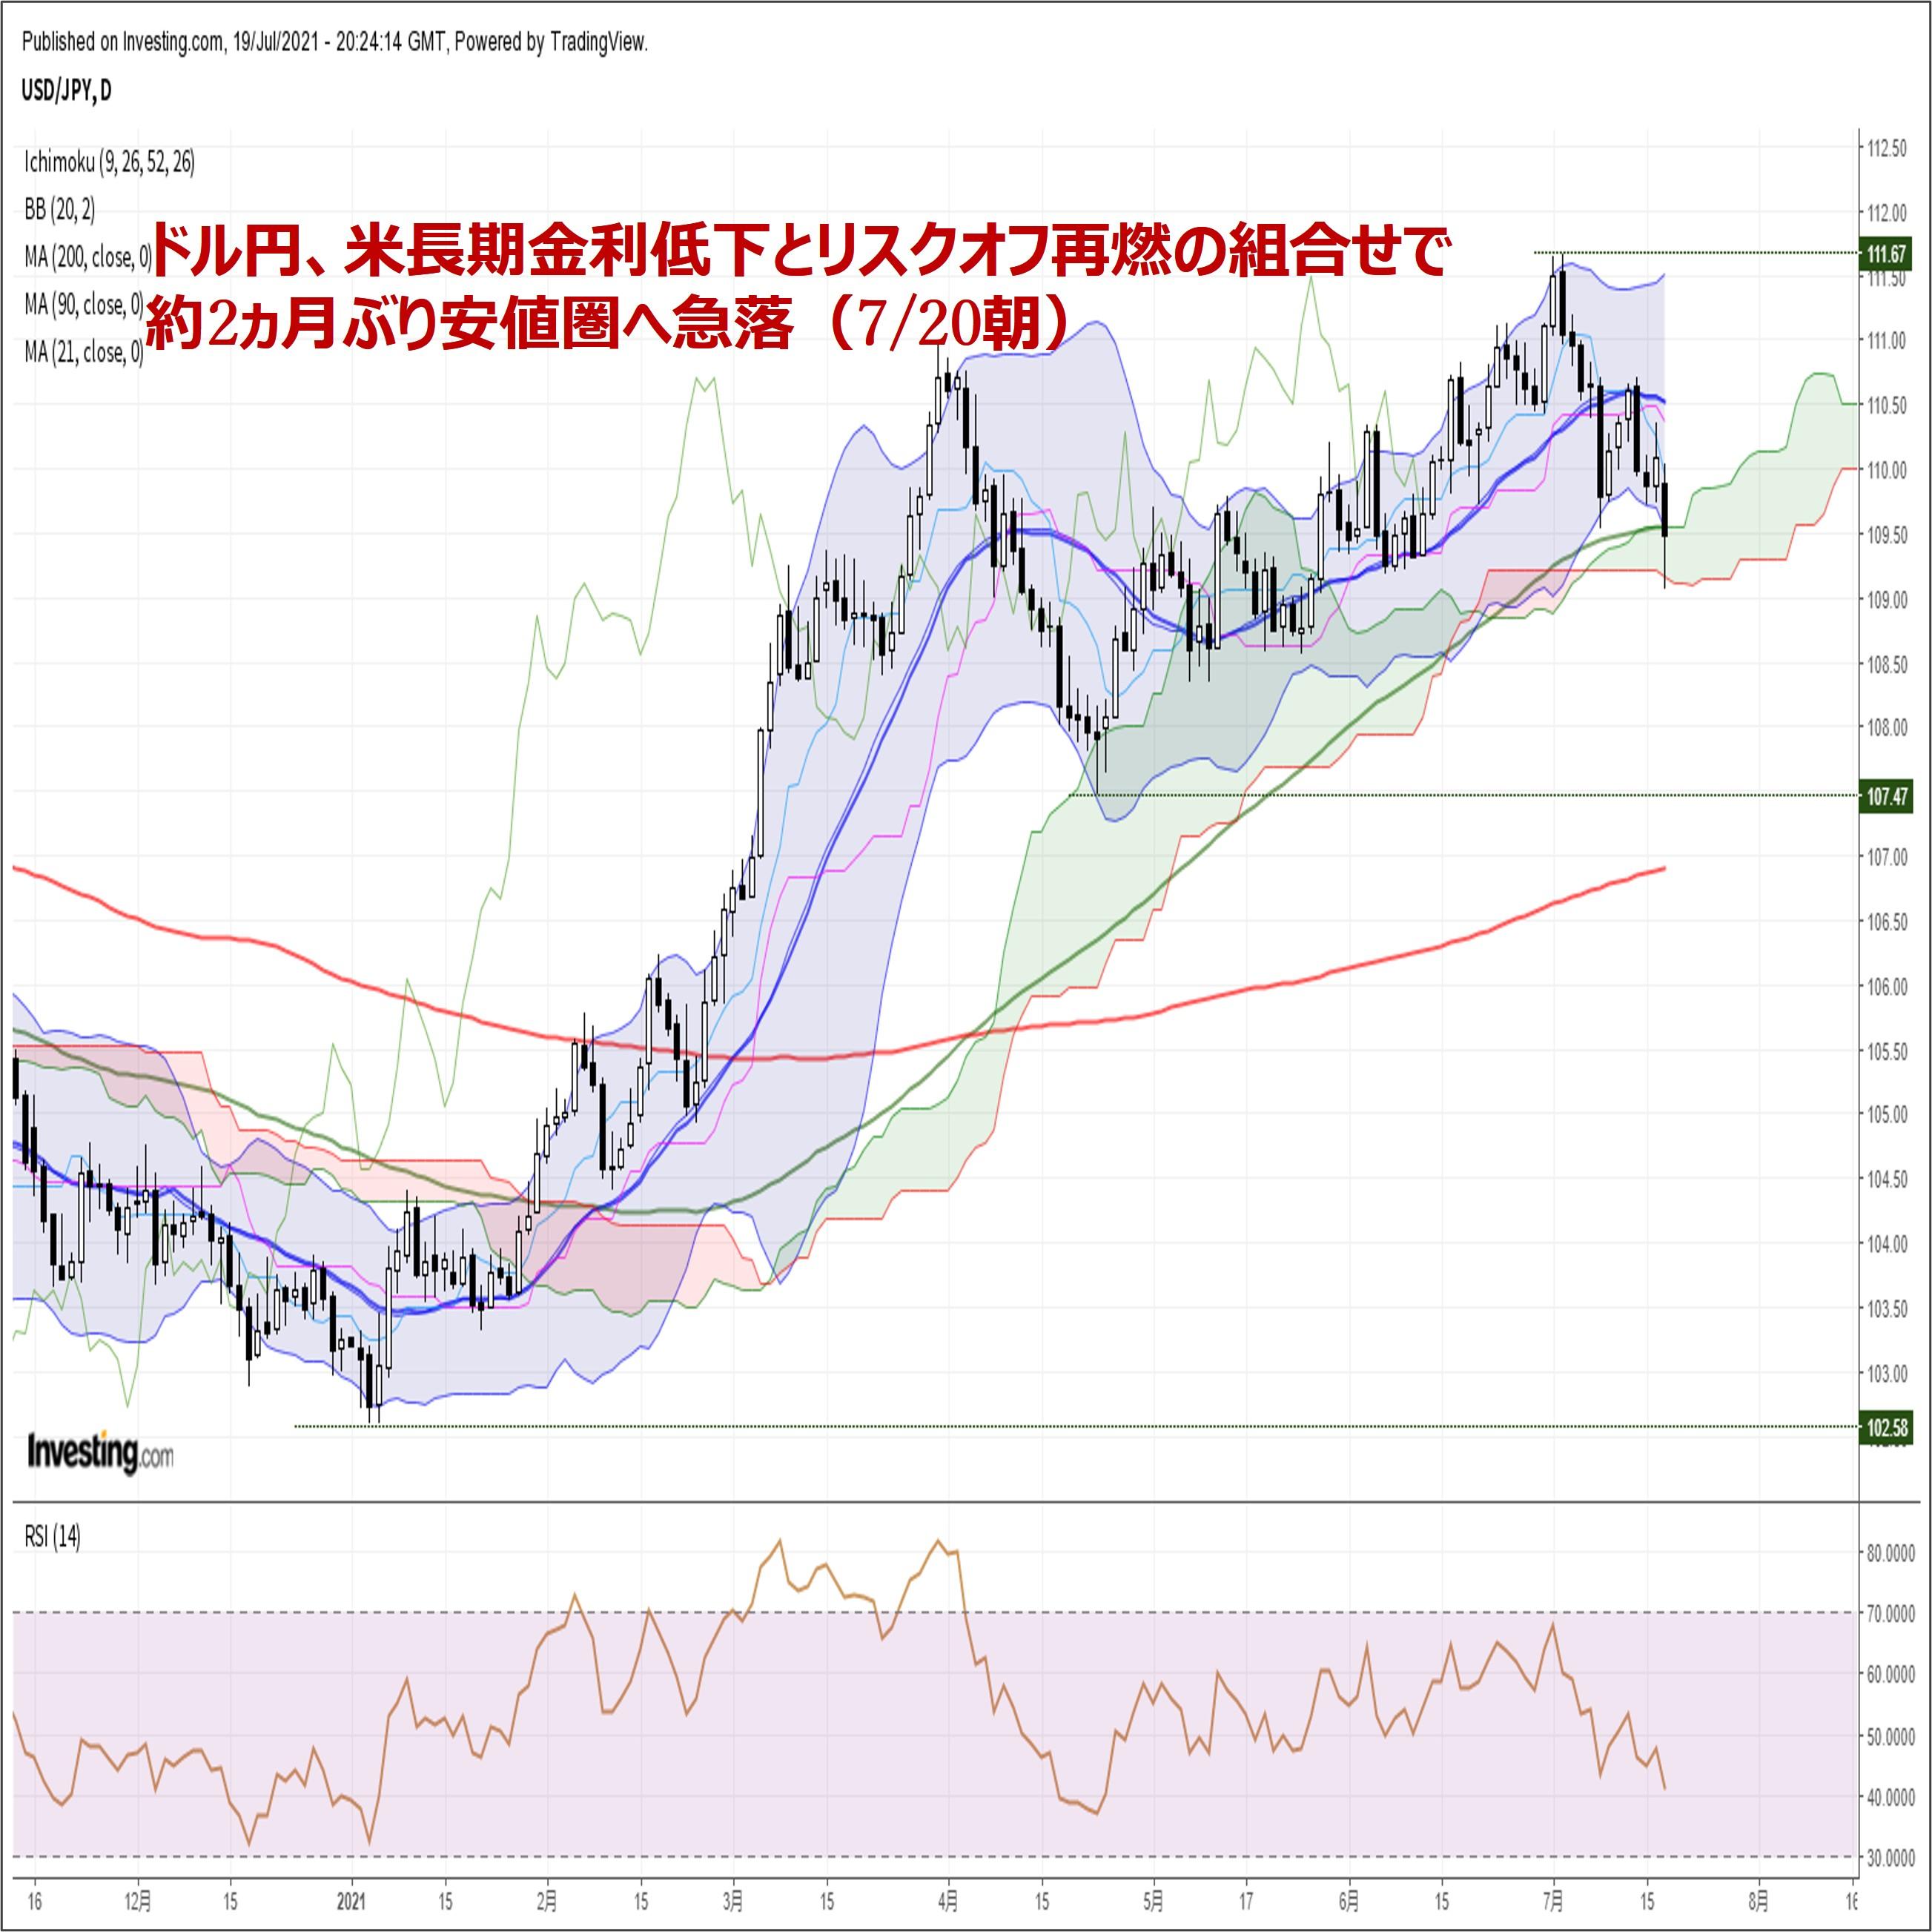 ドル円、米長期金利低下とリスクオフ再燃の組合せで約2ヵ月ぶり安値圏へ急落